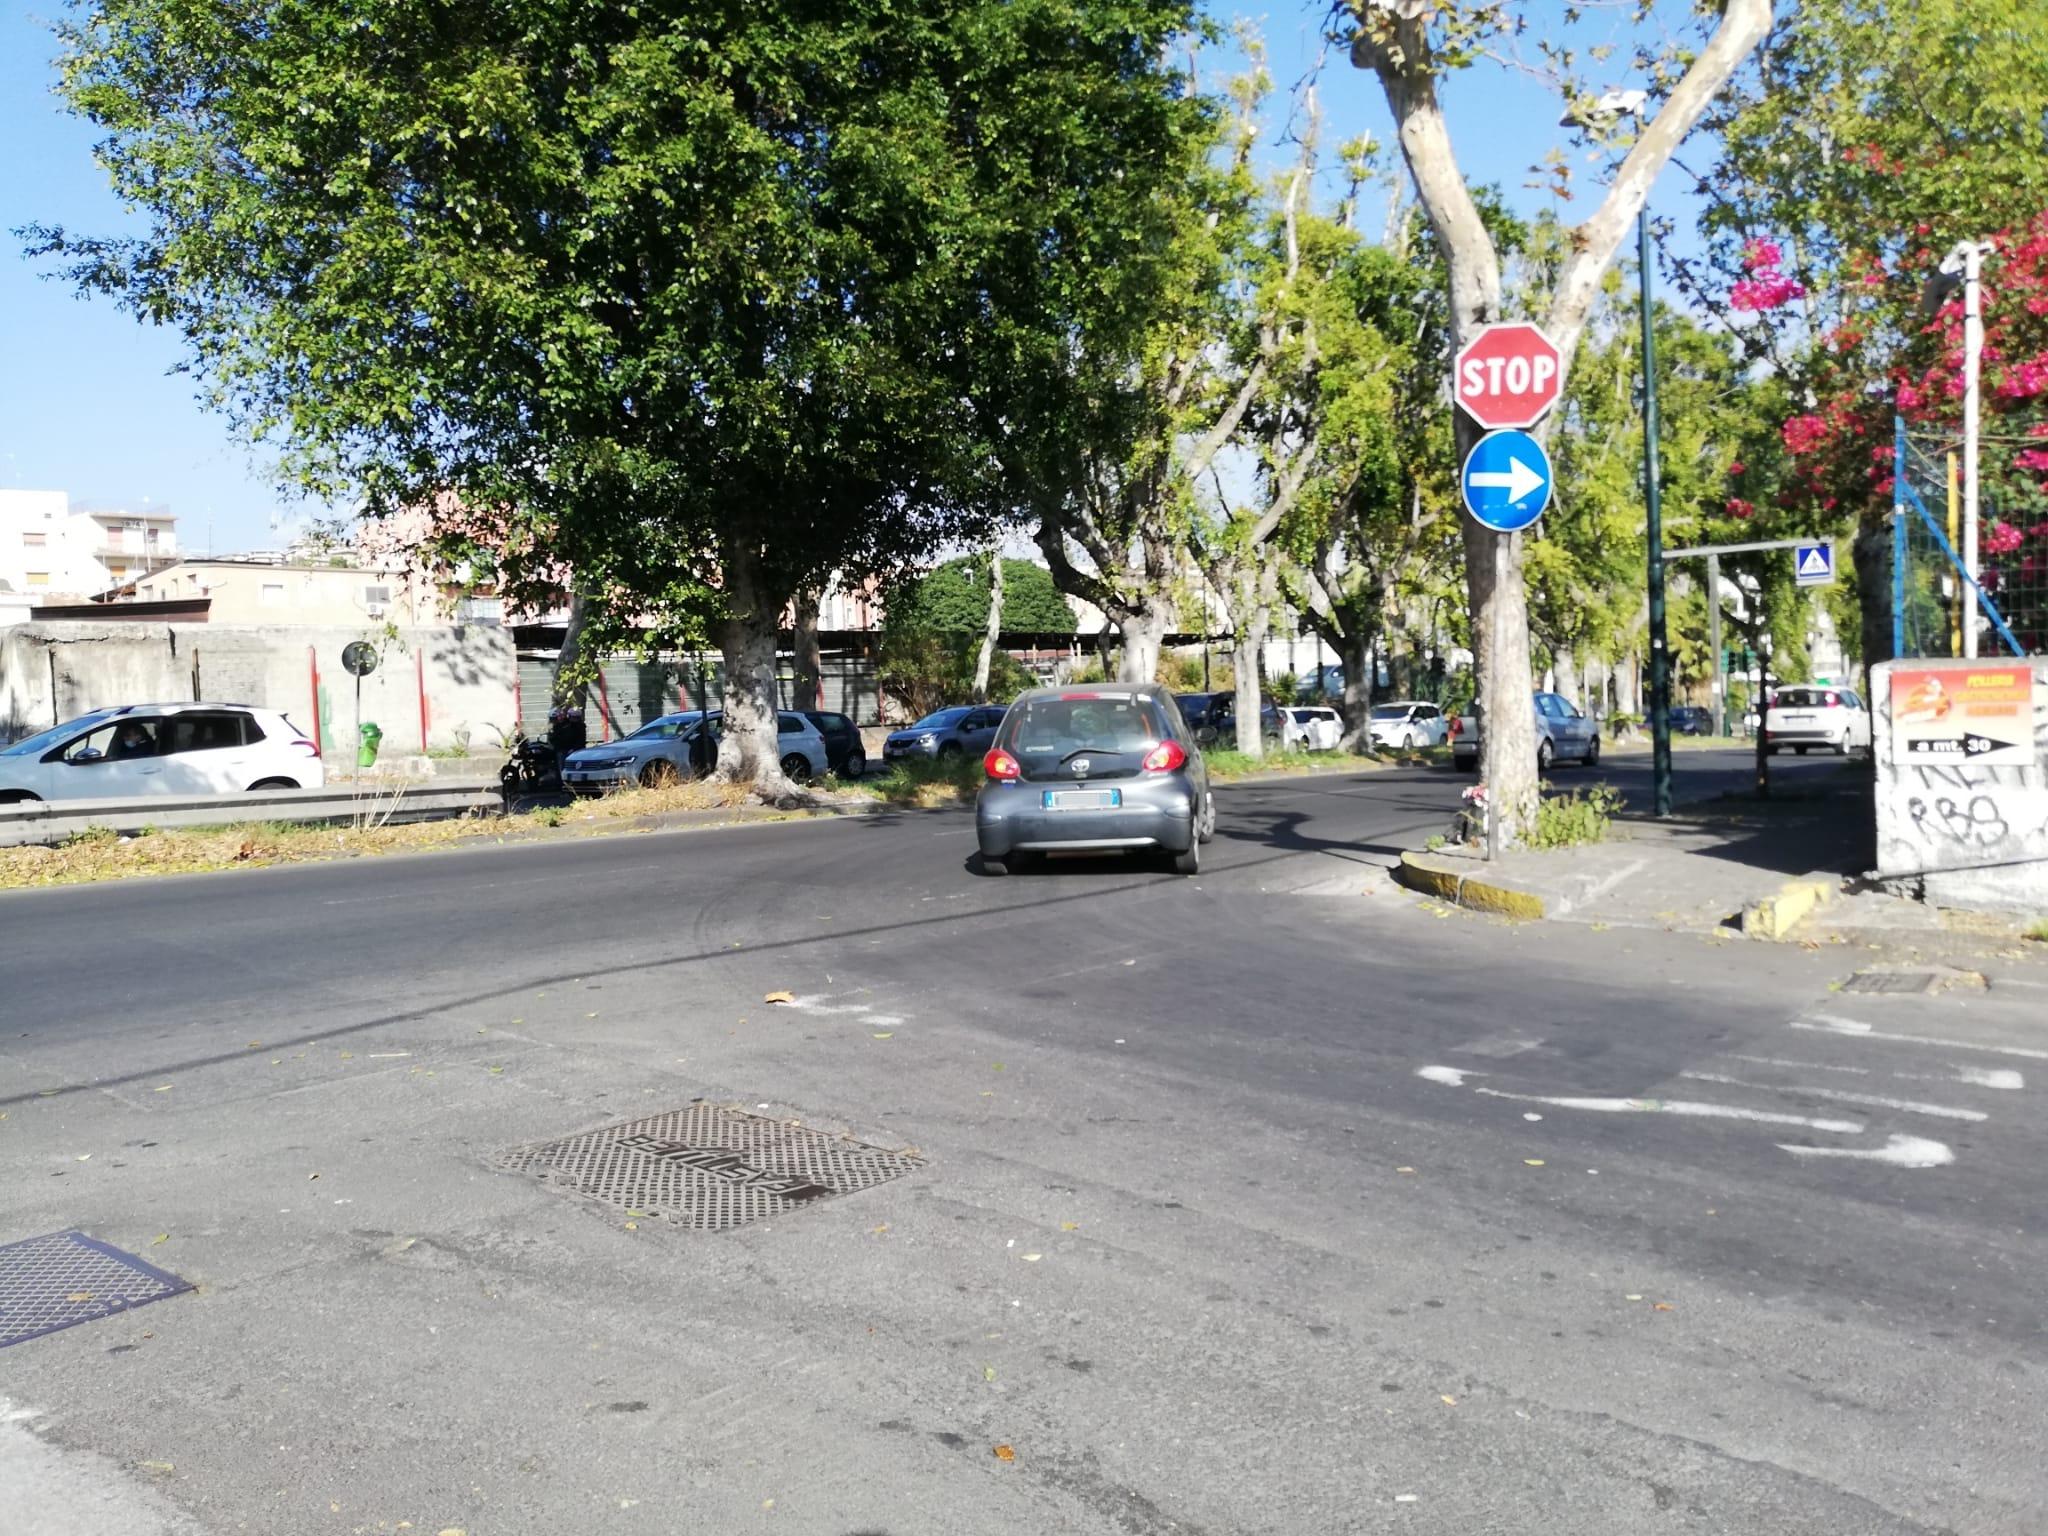 """Gli """"incroci maledetti"""" di Picanello tra segnali scoloriti e automobilisti indisciplinati: """"Abbiamo paura"""" – FOTO"""